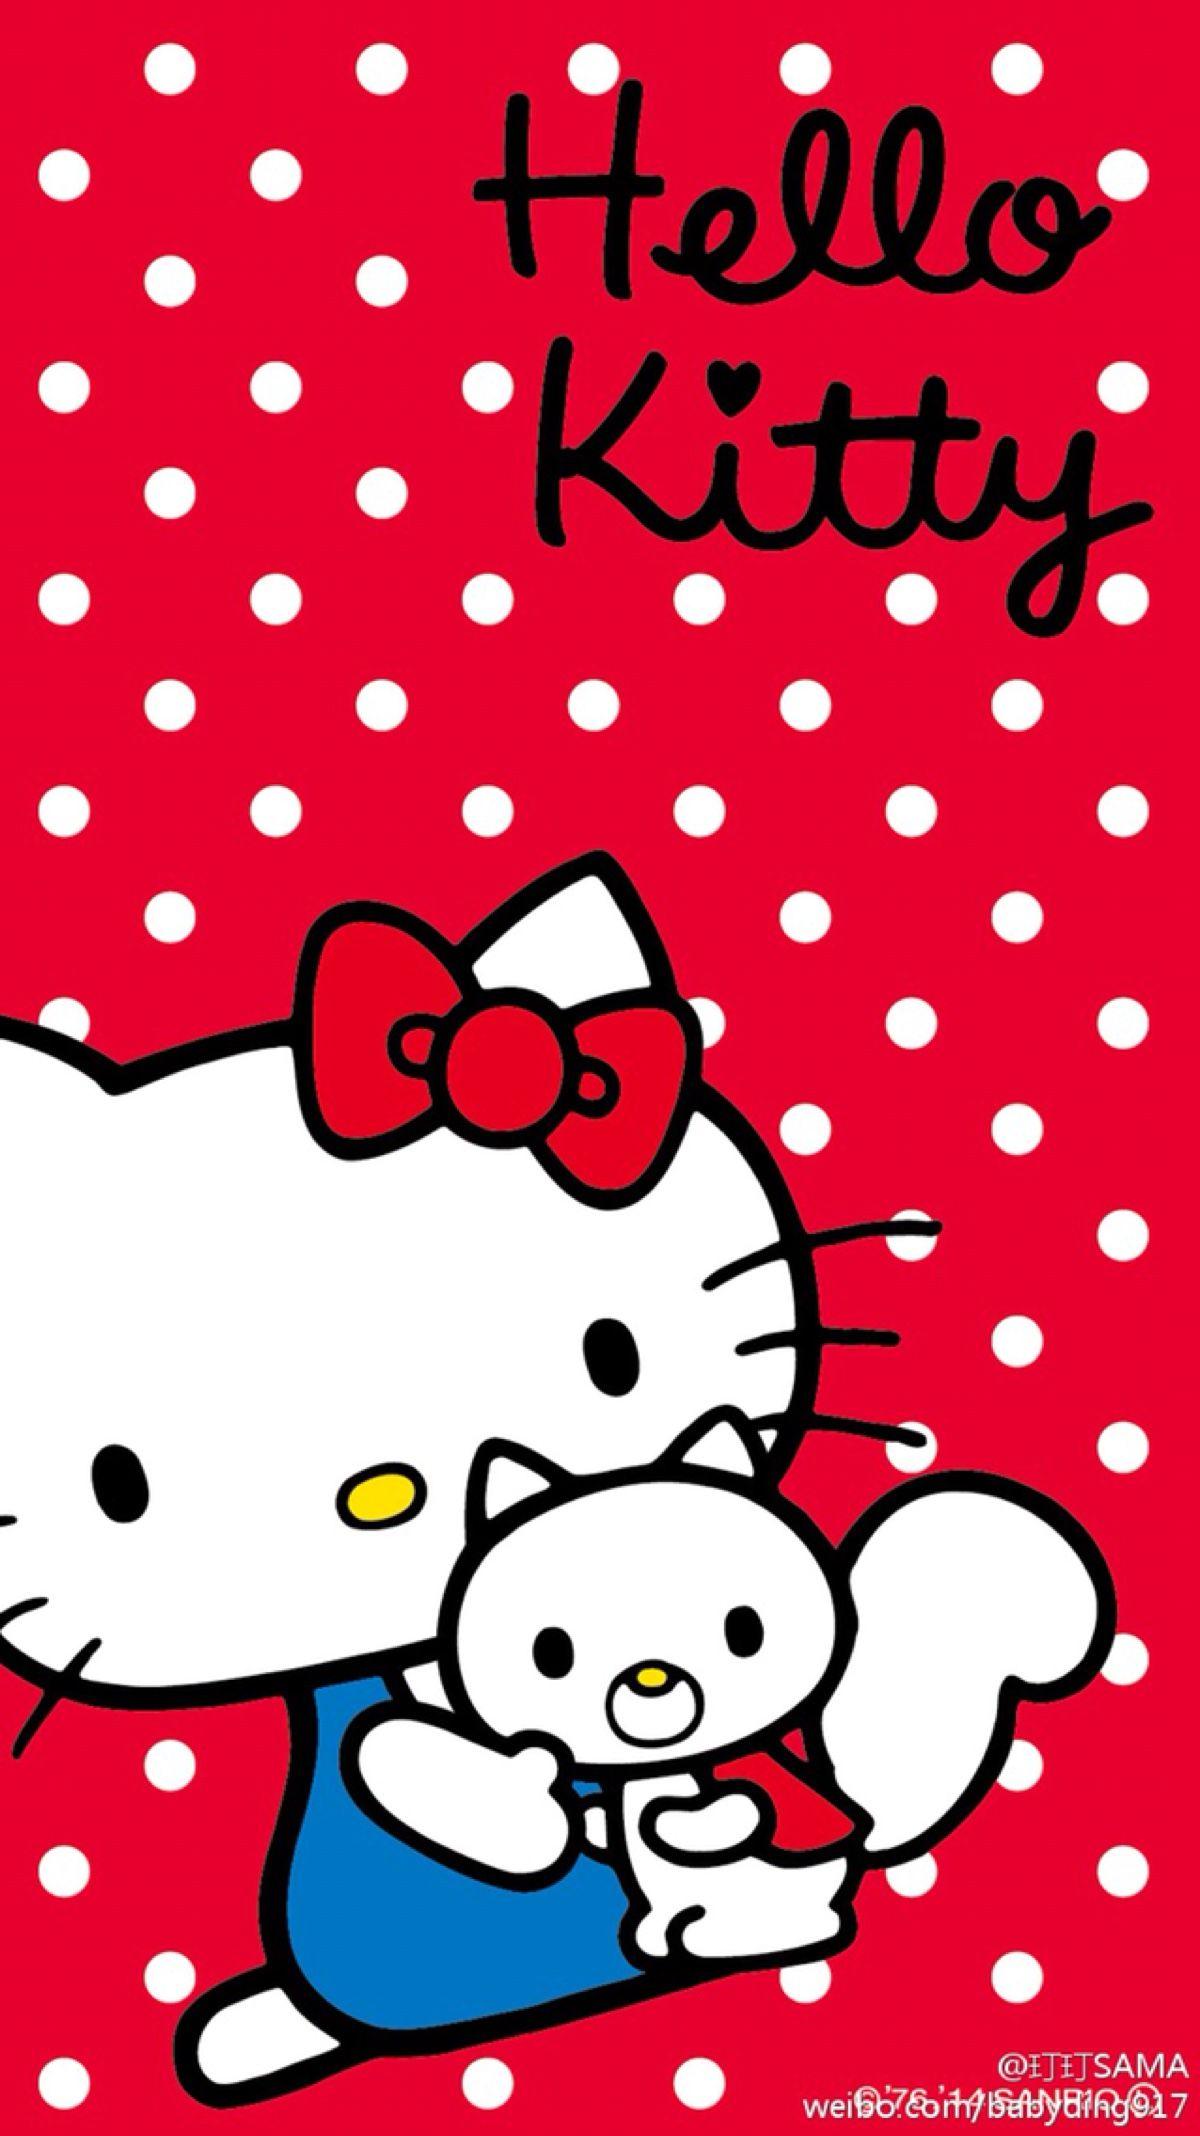 Kitty Wallpaper 20141026213405 Adpmi (1200 2136)